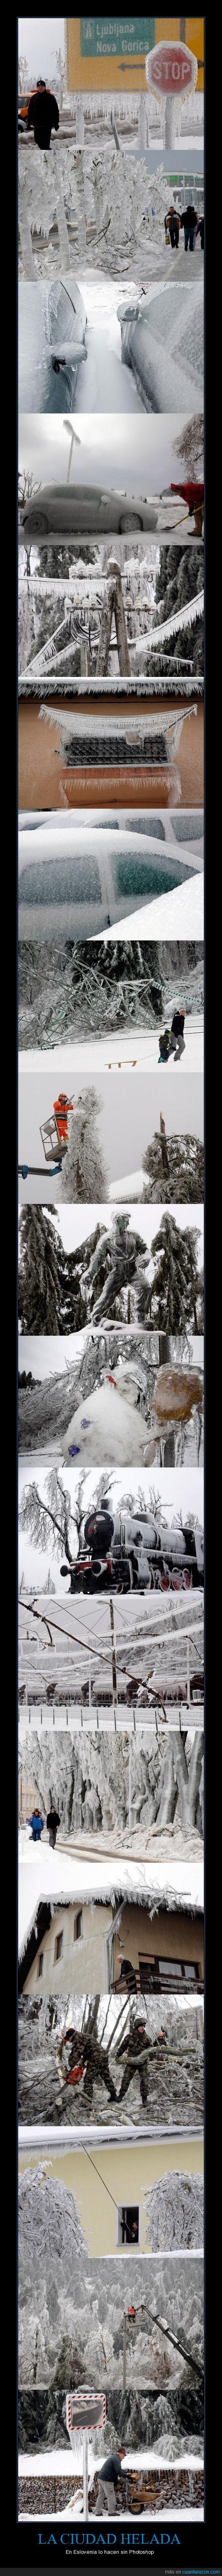 Ciudad helada,Eslovenia,Frío,Hielo,Invierno,Nieve,Photoshop